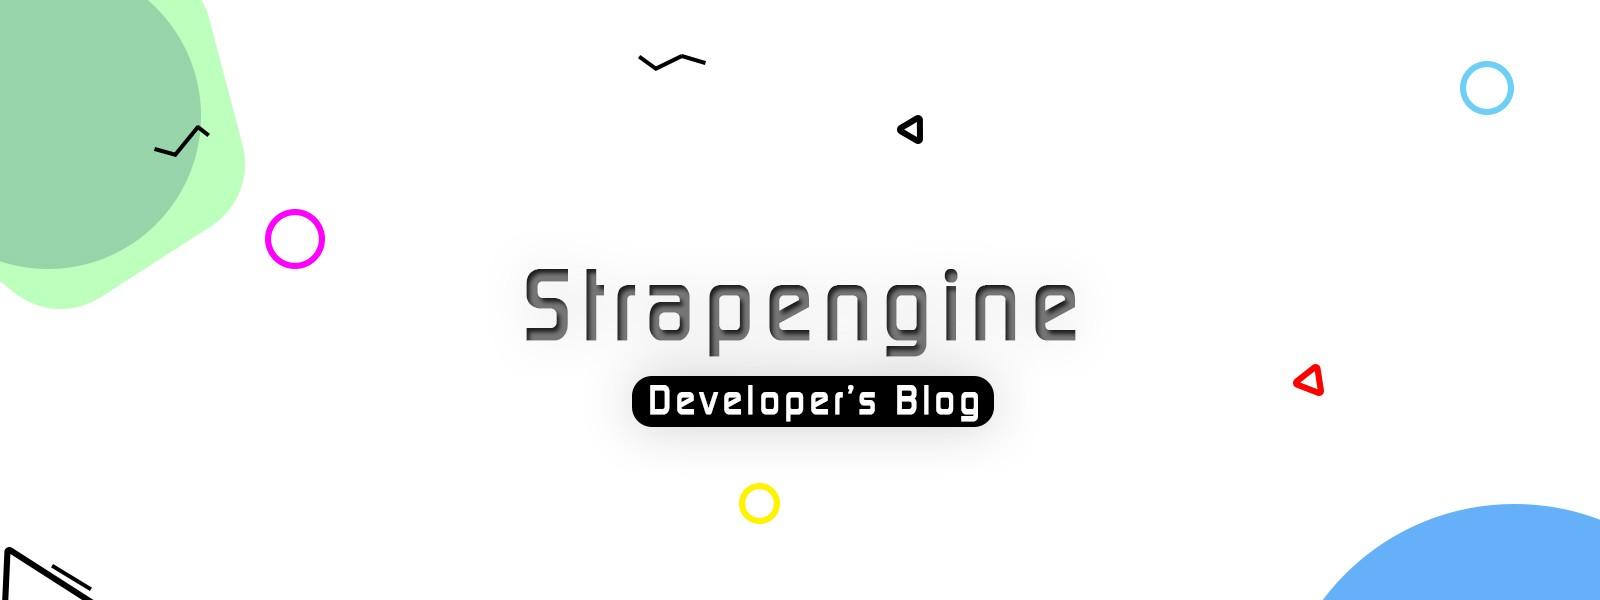 Strapengine